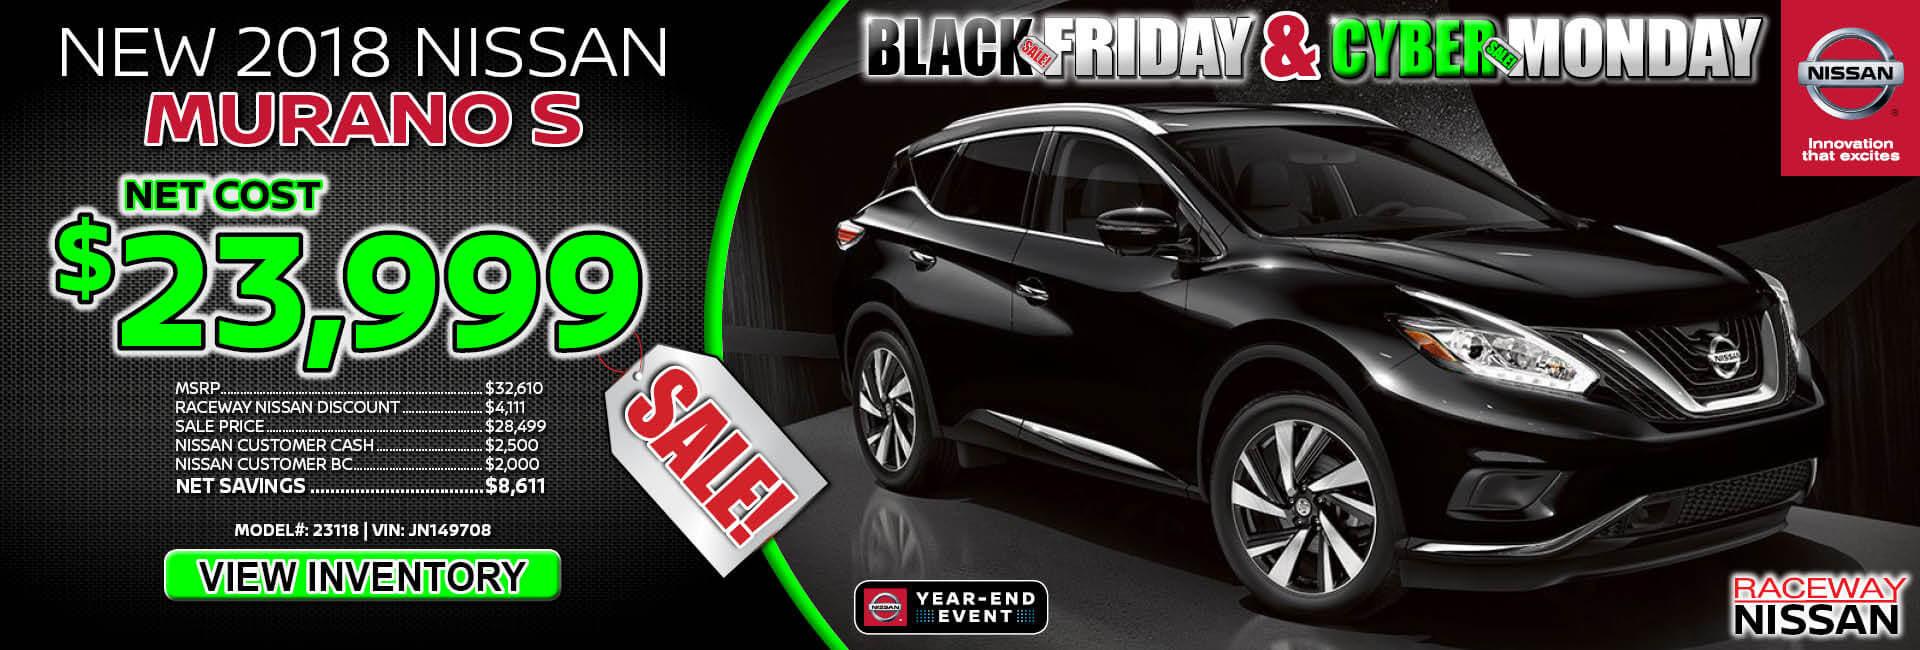 Nissan Murano $23,999 Purchase